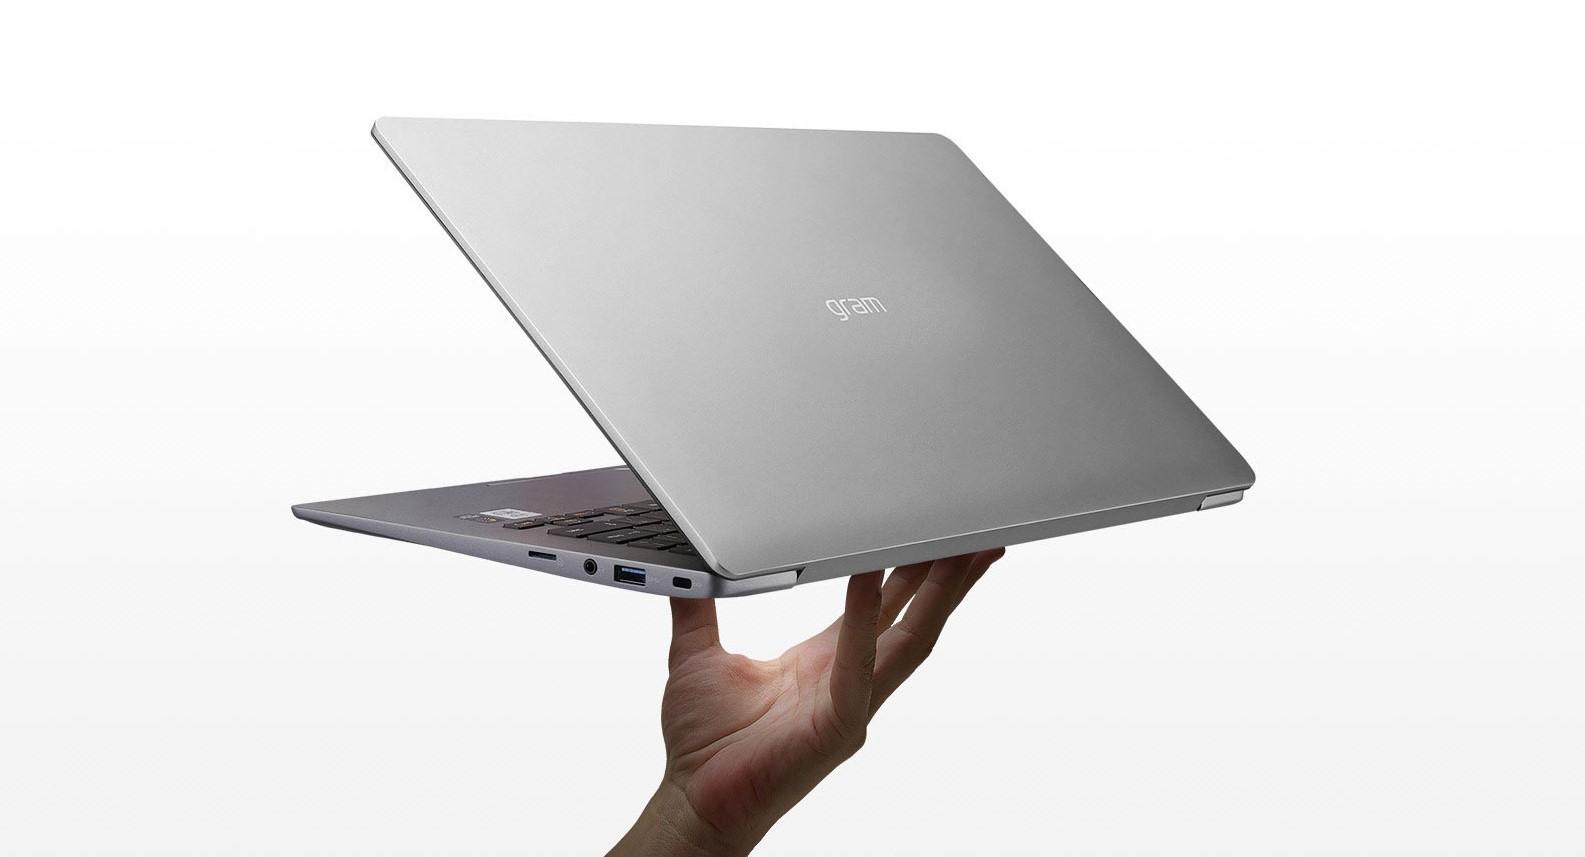 Đánh giá Huawei MateBook 13: Ultrabook tốt nếu người dùng chấp nhận vượt qua rào cản thương hiệu (và thời lượng pin tệ hại) - Ảnh 20.